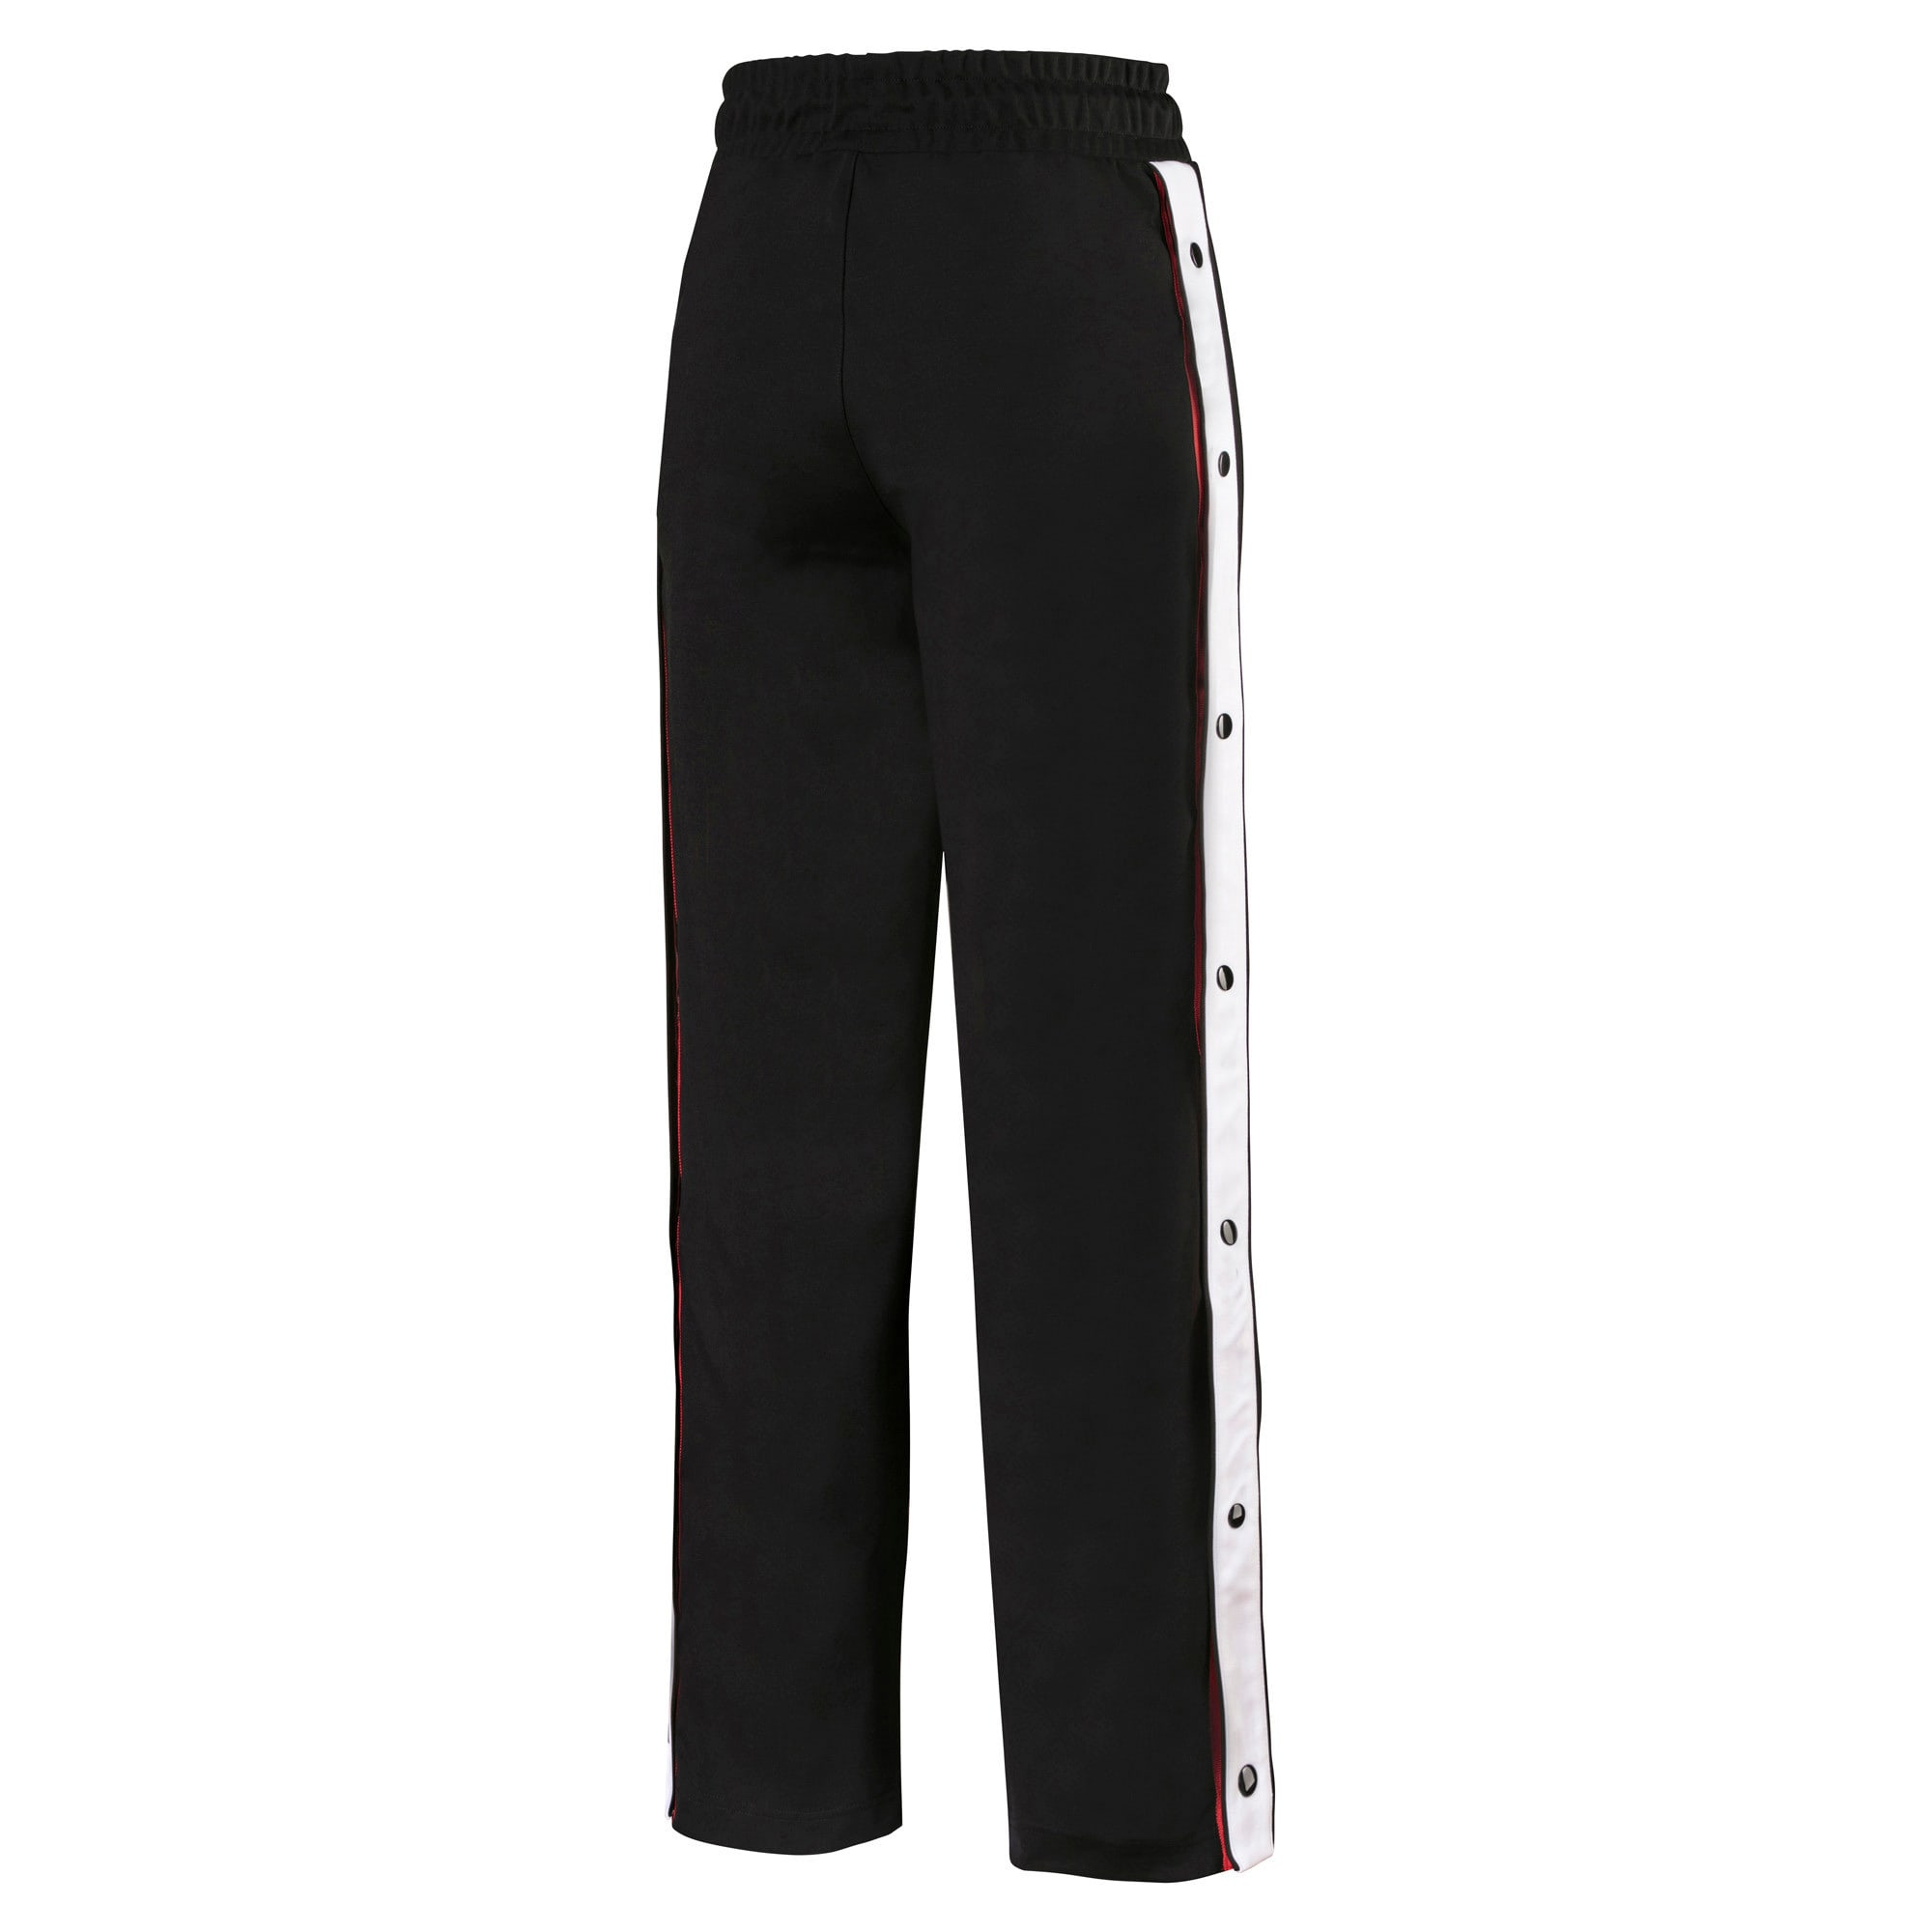 Anteprima 5 di PUMA x KARL LAGERFELD Knitted Women's Wide Pants, Puma Black, medio